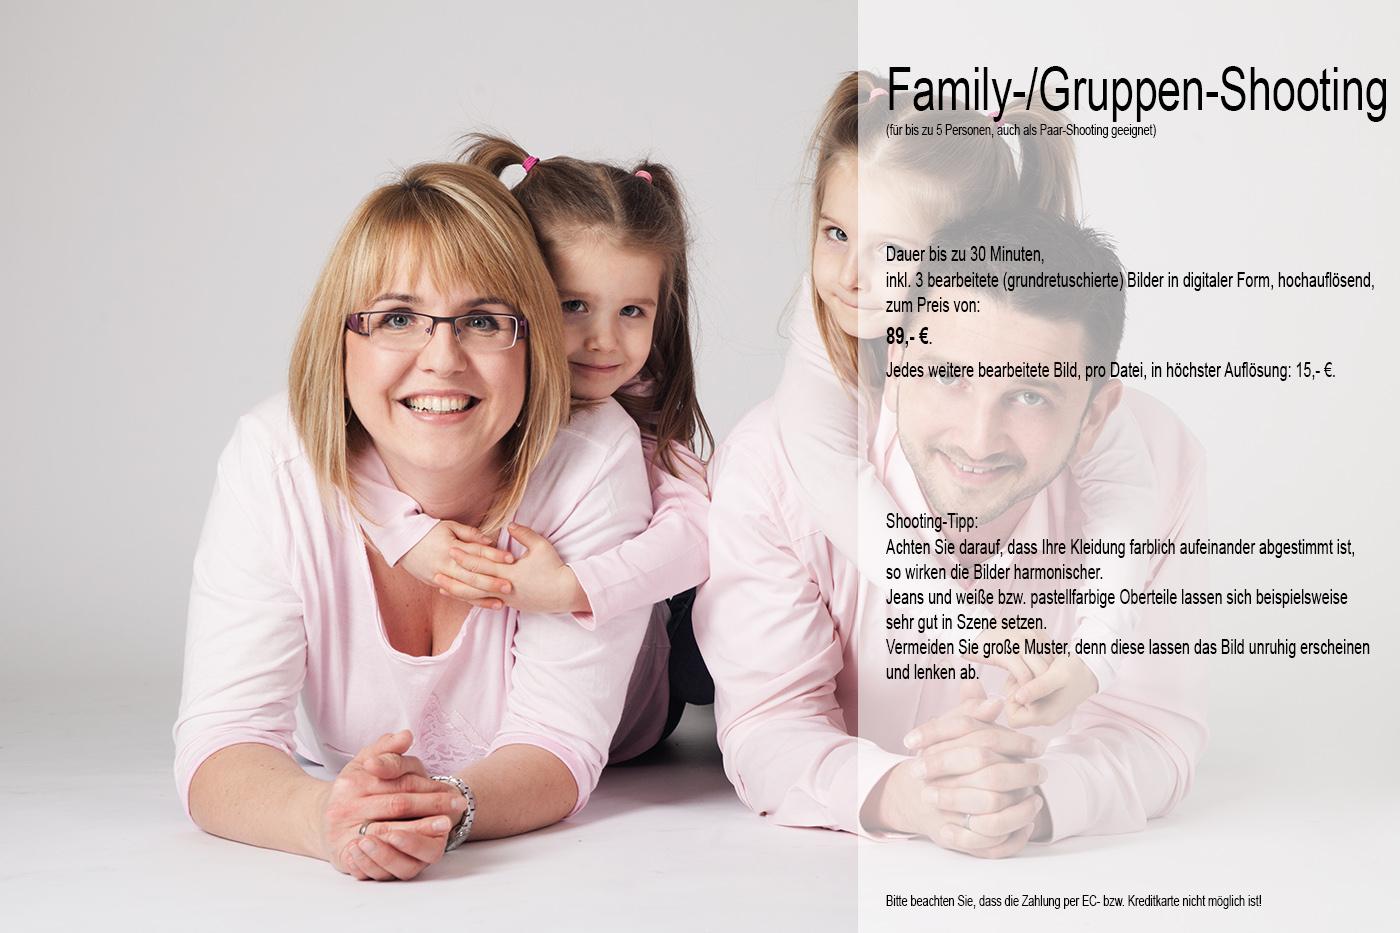 Family-Gruppen-Shooting-Angebot